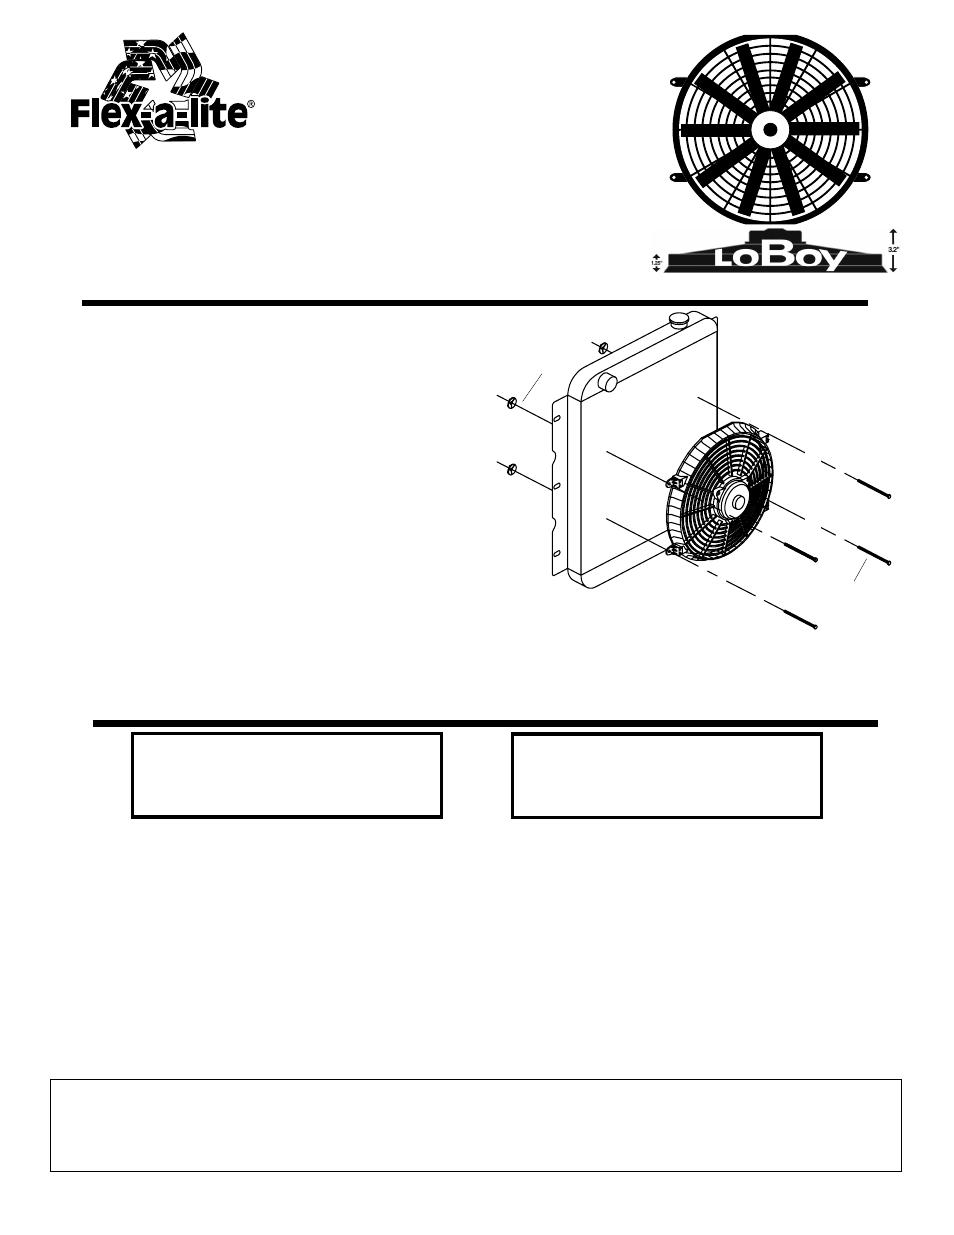 hight resolution of flex a lite 119 pusher loboy electric fan user manual 1 page flex a lite fan controller wiring diagram flex fan wiring